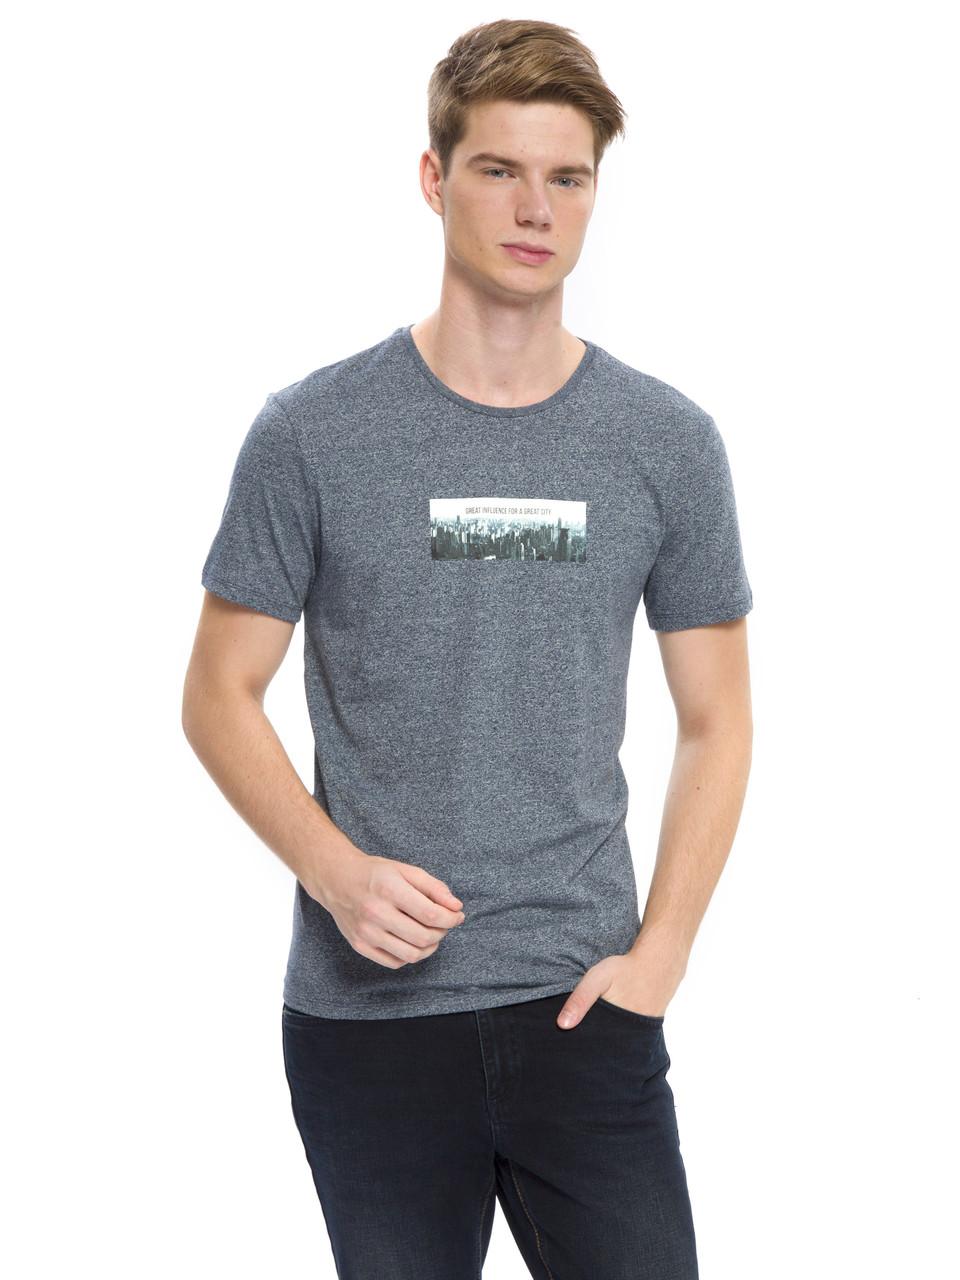 Сіра чоловіча футболка LC Waikiki / ЛЗ Вайкікі з картинкою на грудях